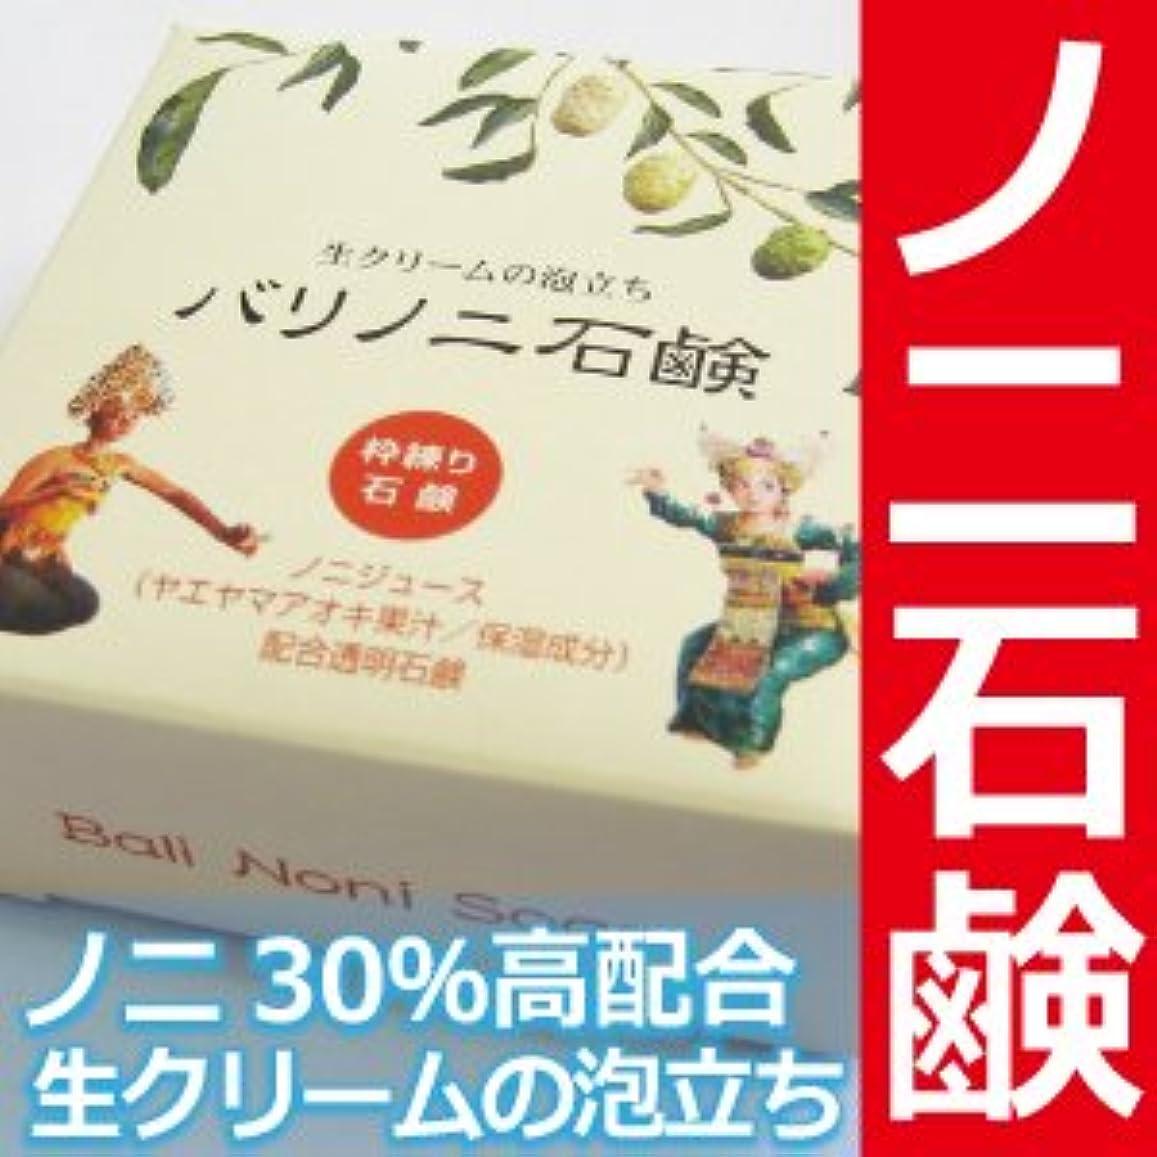 団結する札入れ収束するノニ30%の高配合枠練り石鹸 もっちり生クリームの泡立ち バリノニ石鹸(枠練り) 90g